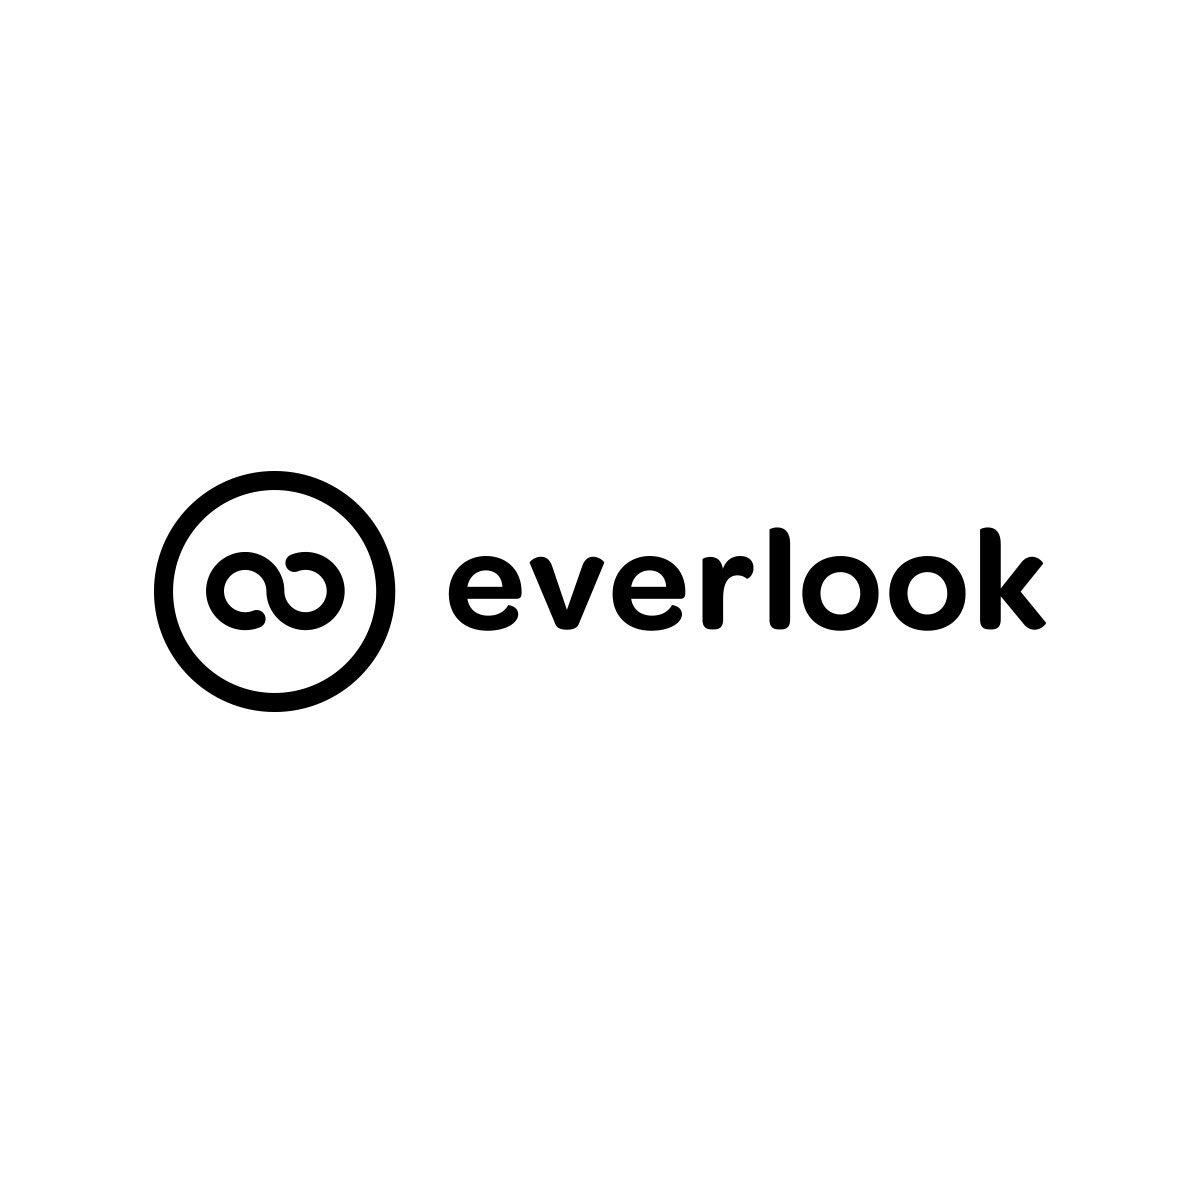 Everlook branding